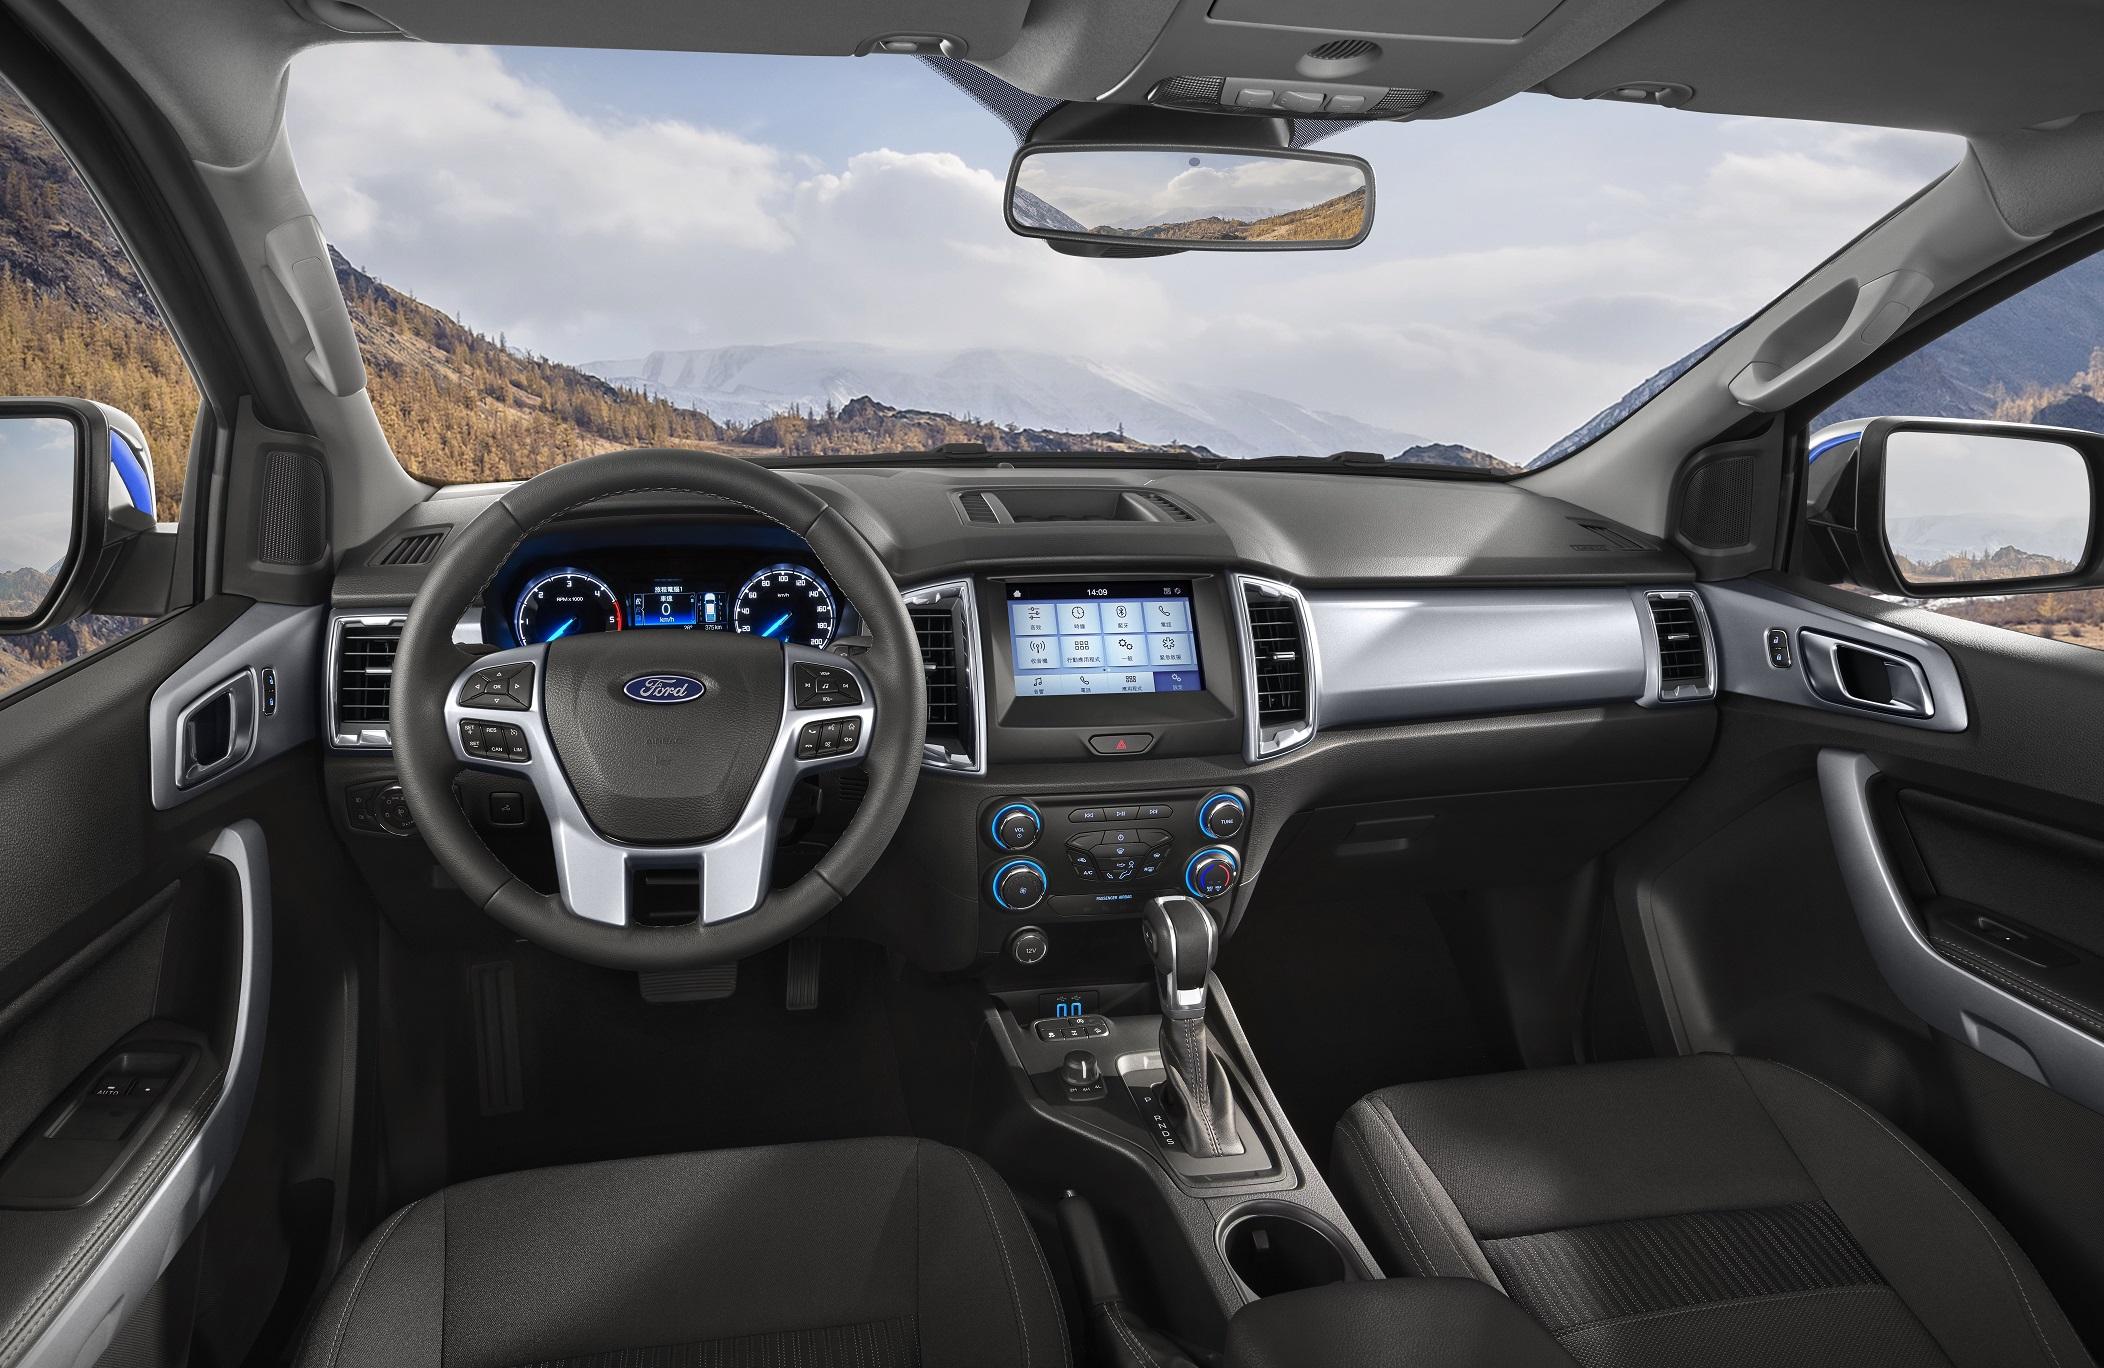 21 年式 Ford Ranger職人型/全能型全面搭載中文化儀錶資訊介面,職人型再升級原廠 8 吋全彩觸控螢幕,內建 SYNC 娛樂通訊整合系統。